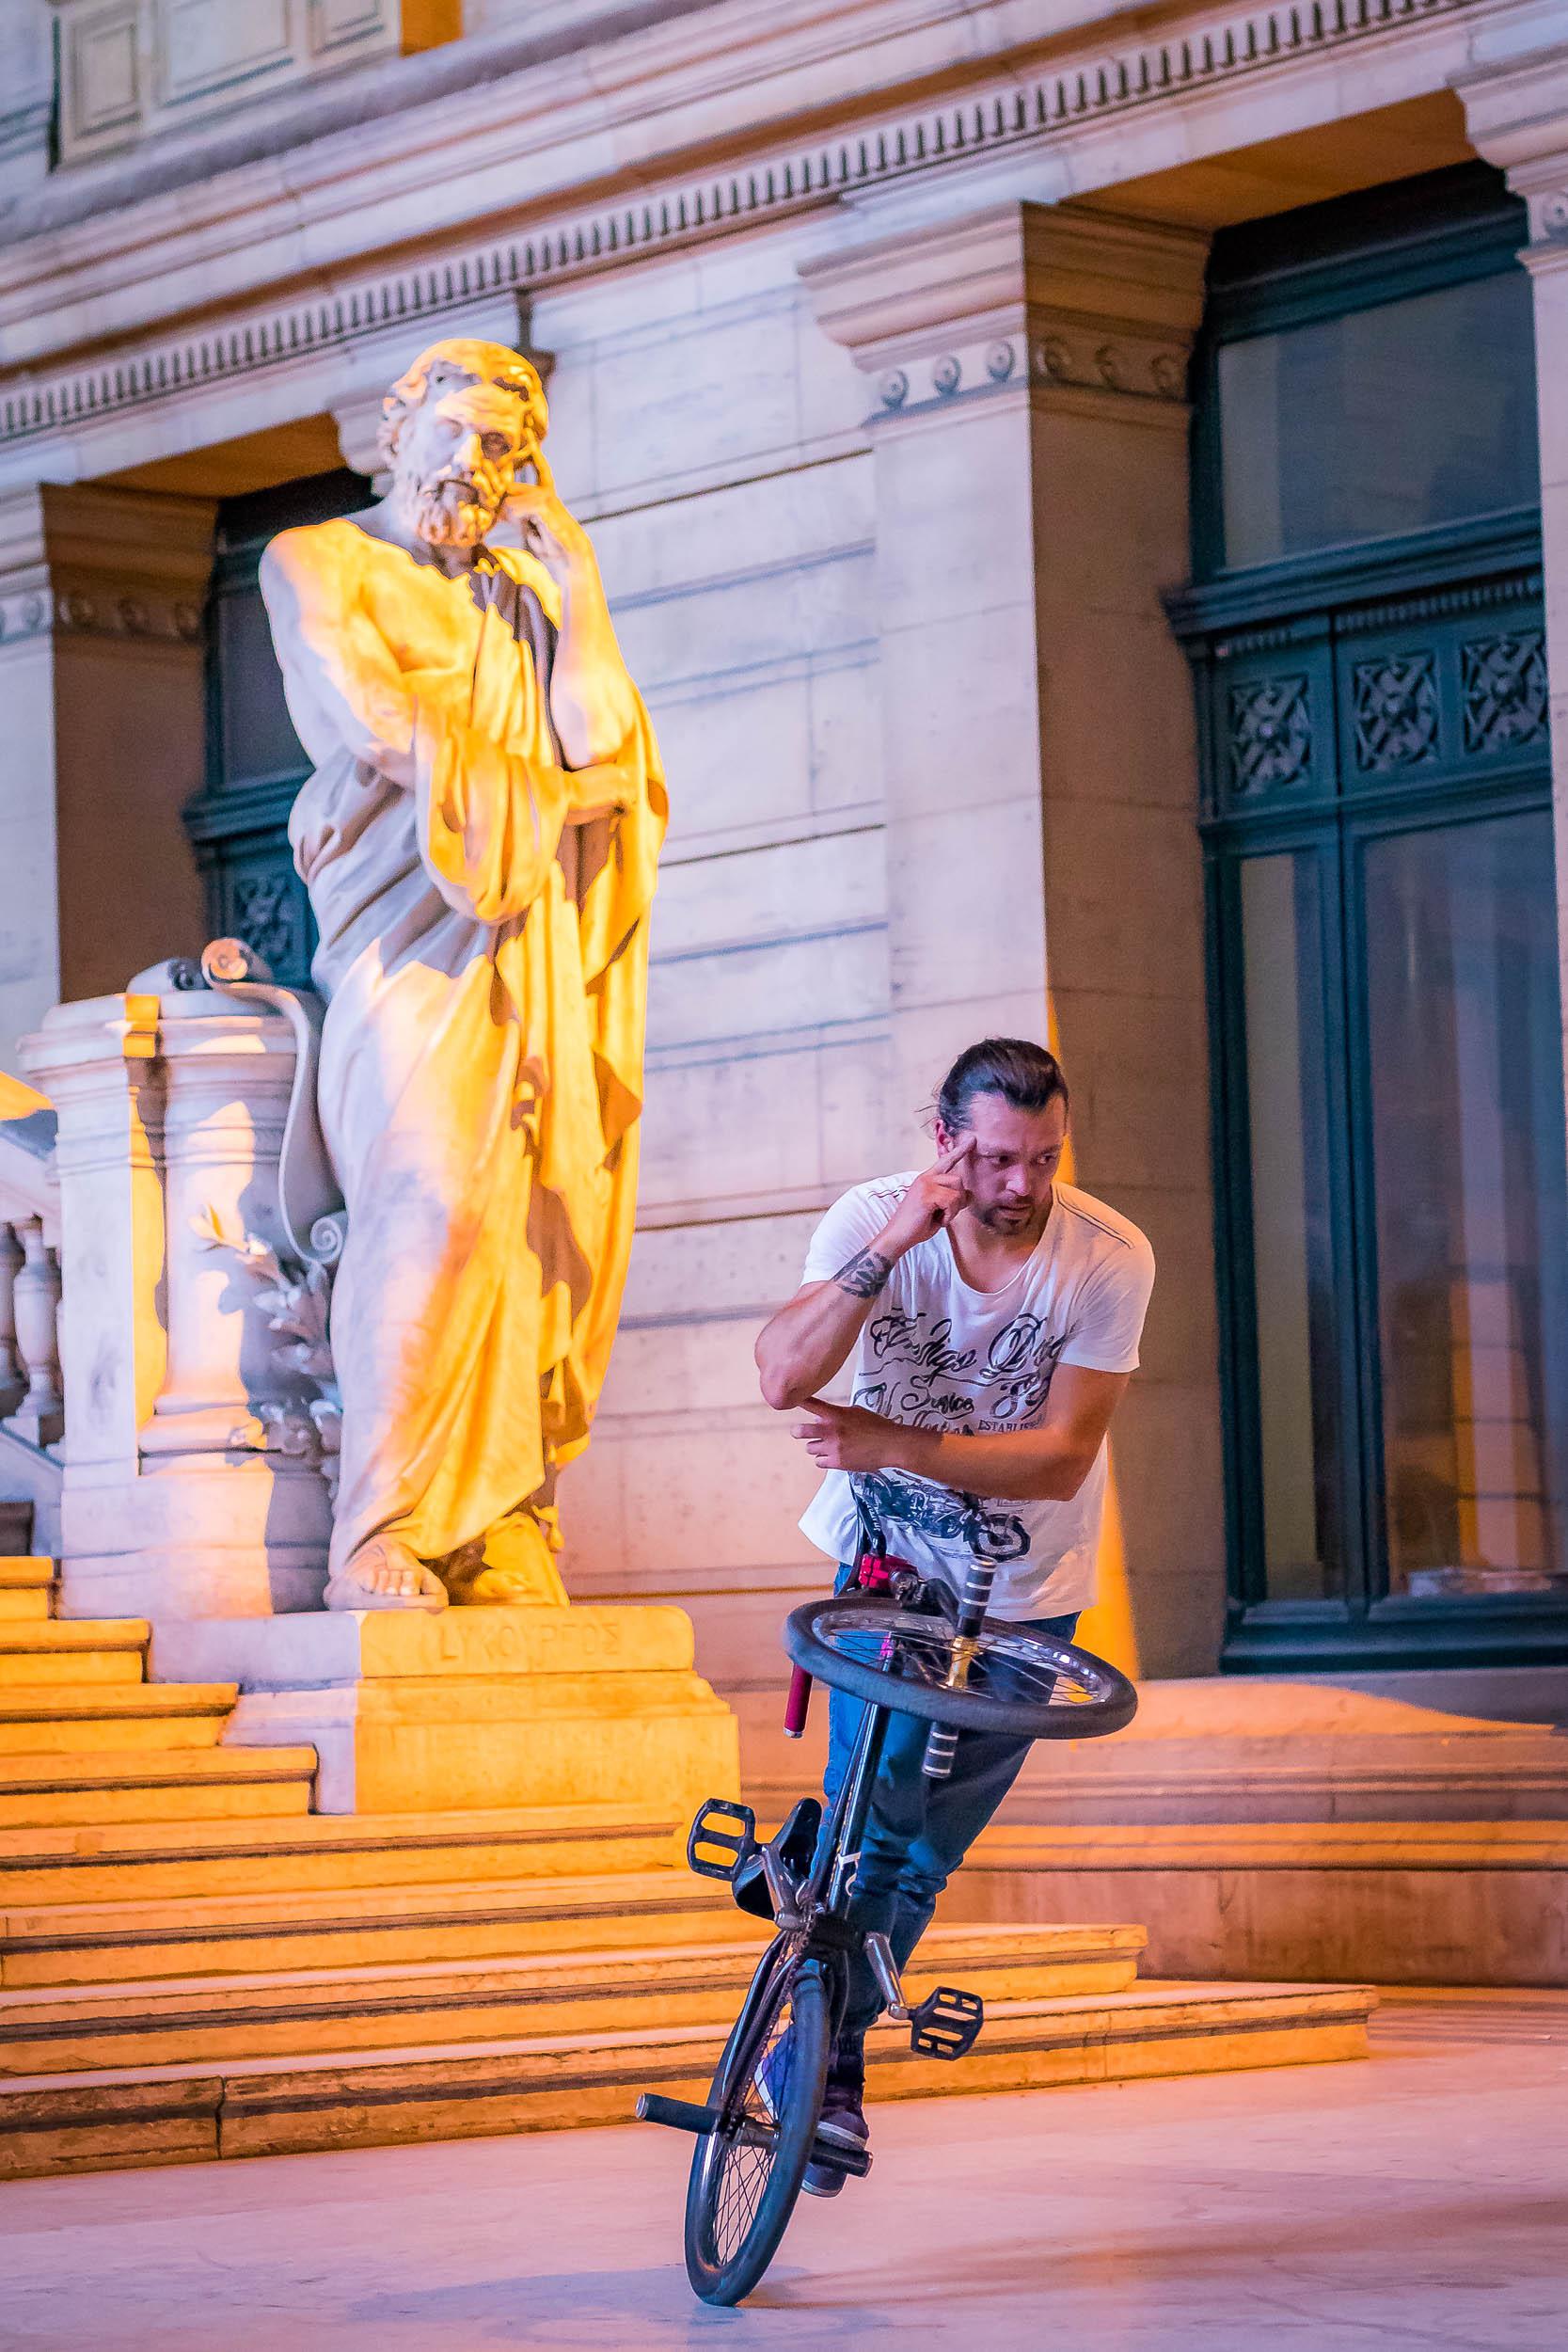 Photographe de Bruxelles se baladant dans les rues